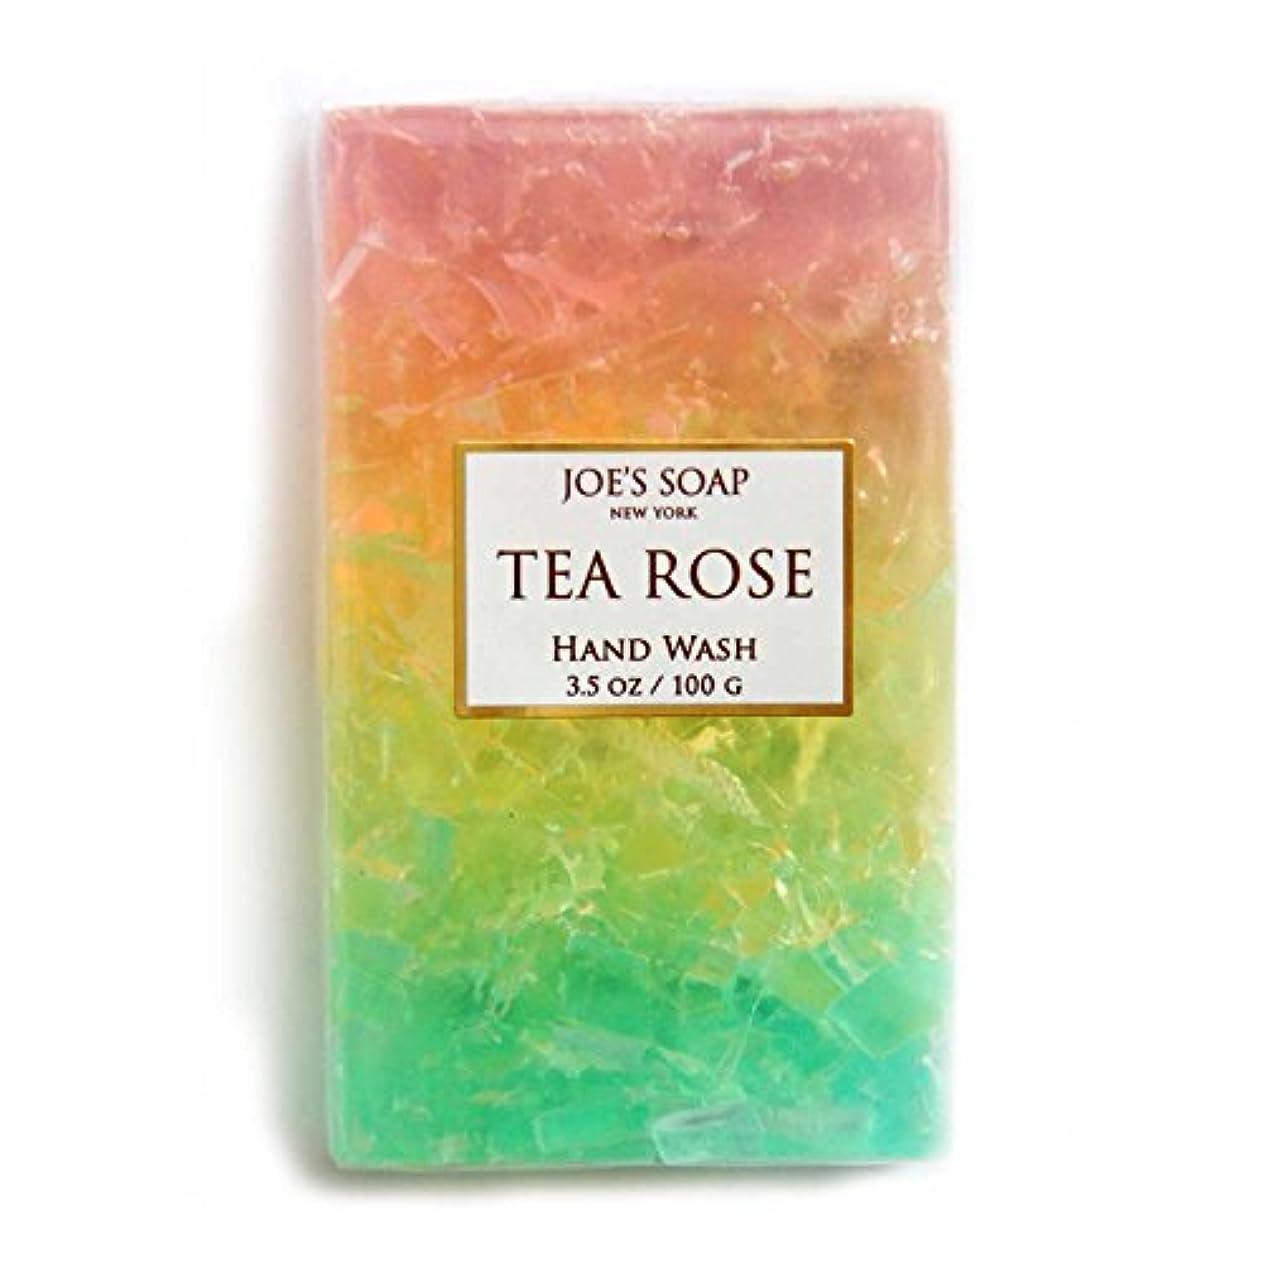 子孫絶え間ない家具JOE'S SOAP ジョーズソープ グラスソープ 100g 石けん ボディソープ 洗顔料 せっけん 固形 ギフト